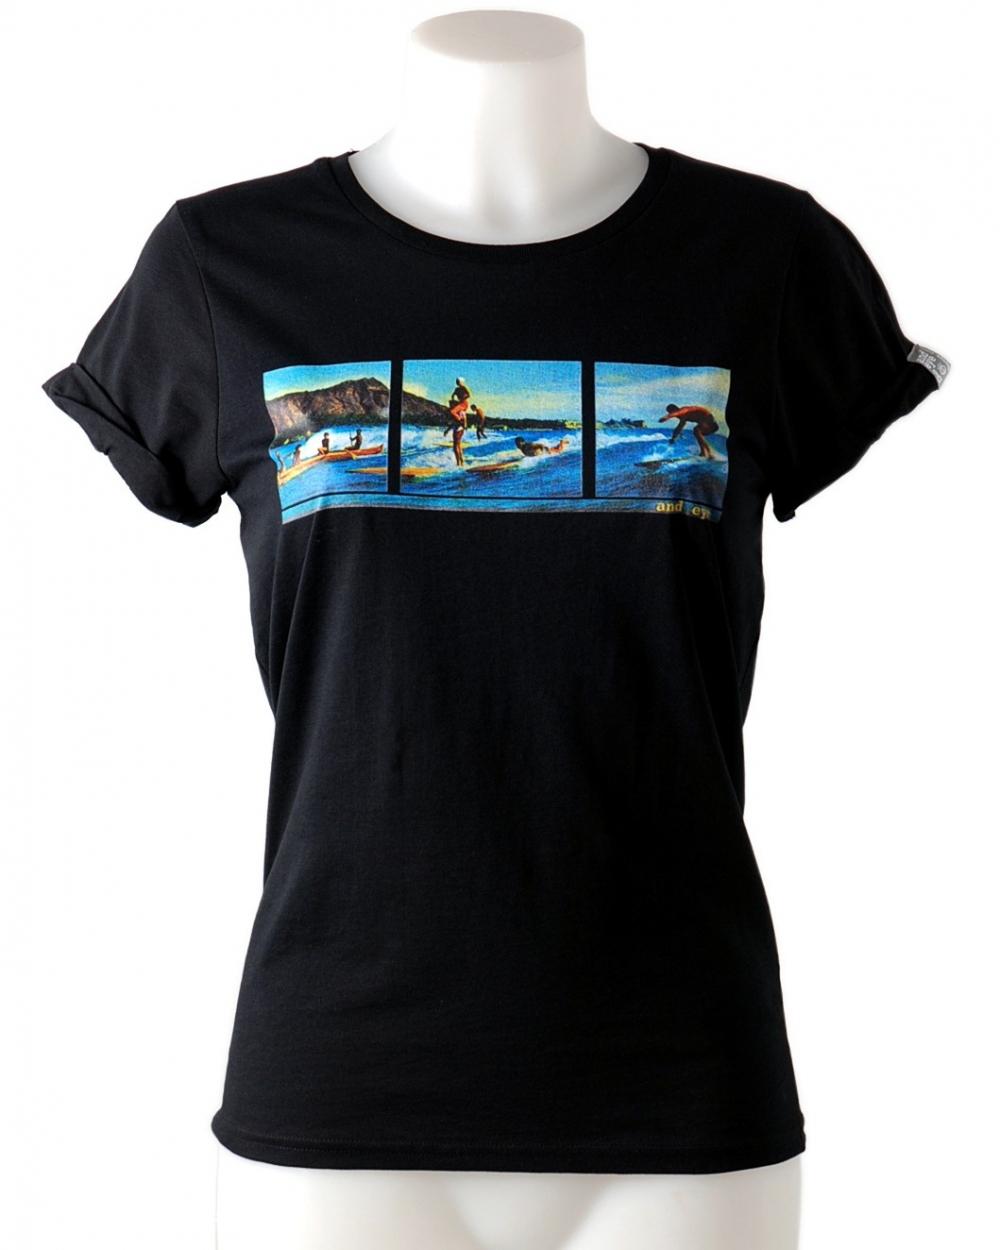 Vintage tee-shirt wiht image of Hendaye